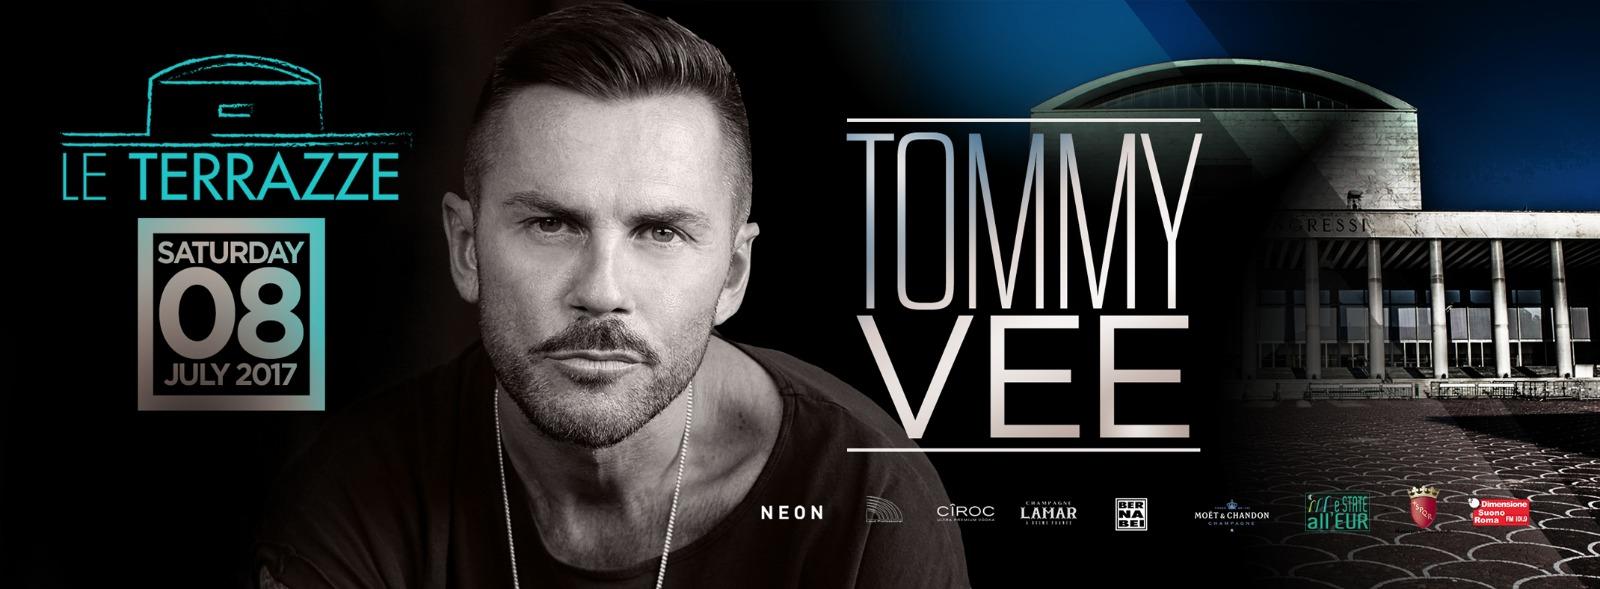 Tommy Vee Le Terrazze sabato 8 luglio 2017 lista e privè 3404987255